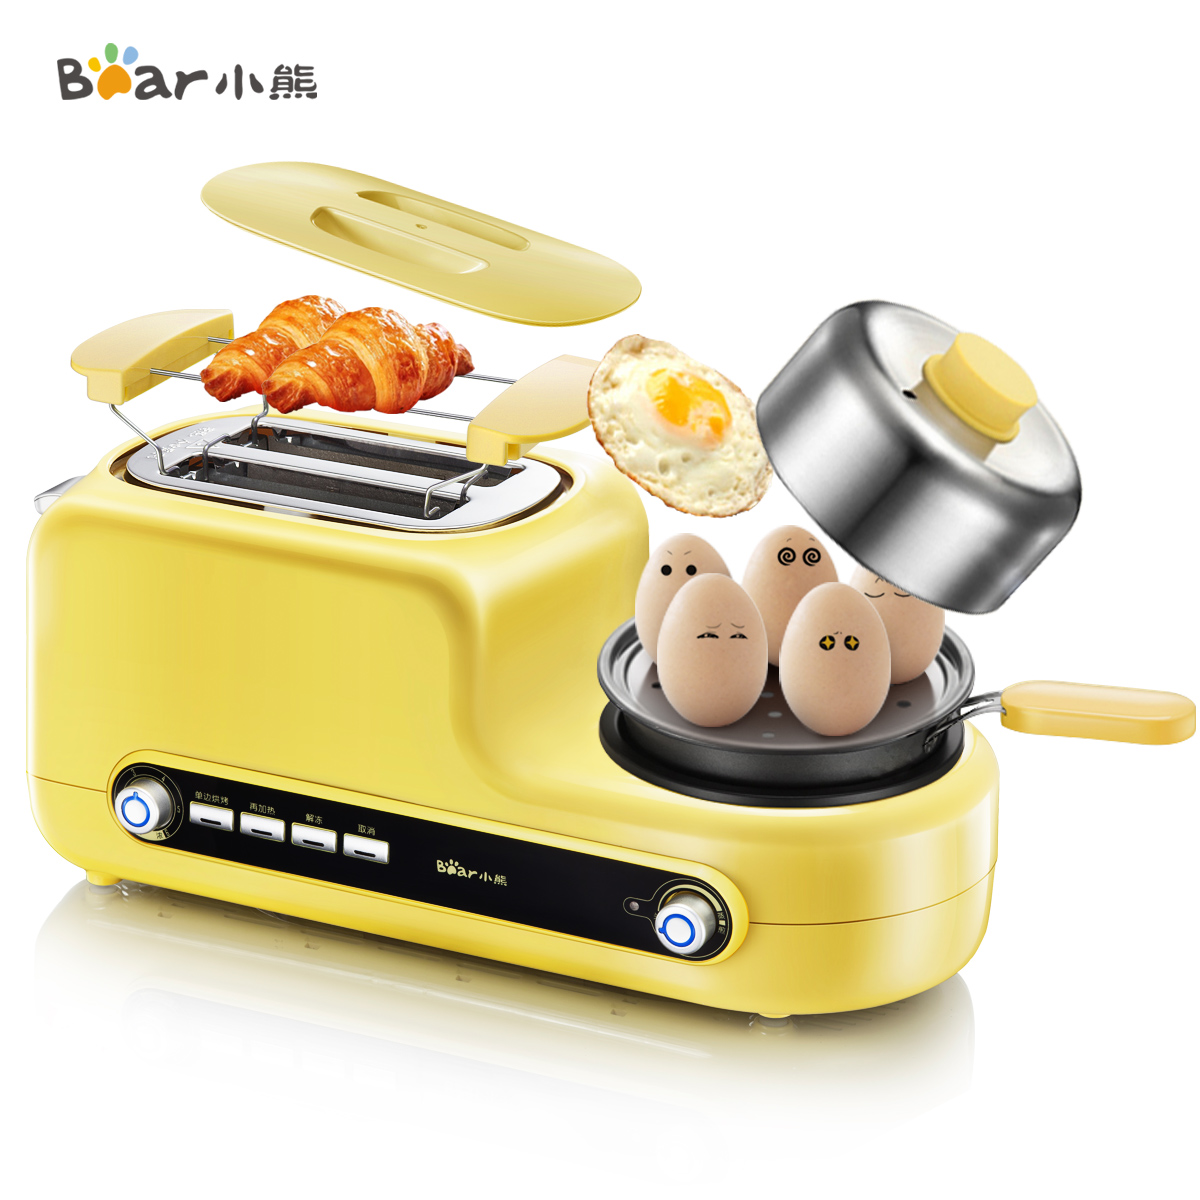 小熊多士炉烤面包机家用早餐吐司机全自动迷你考面包片机烤土司机